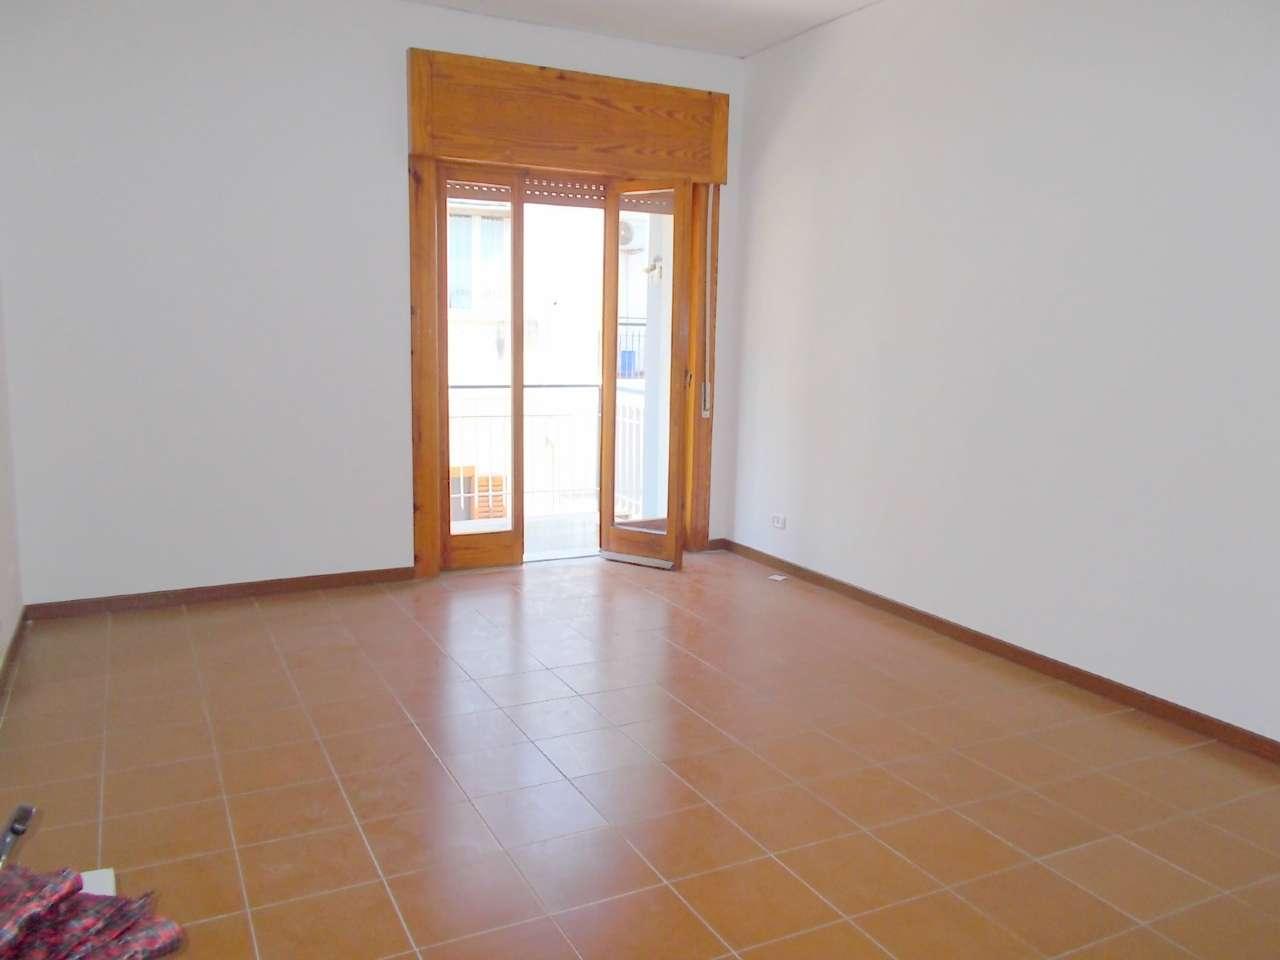 Appartamento in affitto a Santa Maria a Vico, 5 locali, prezzo € 400 | Cambio Casa.it